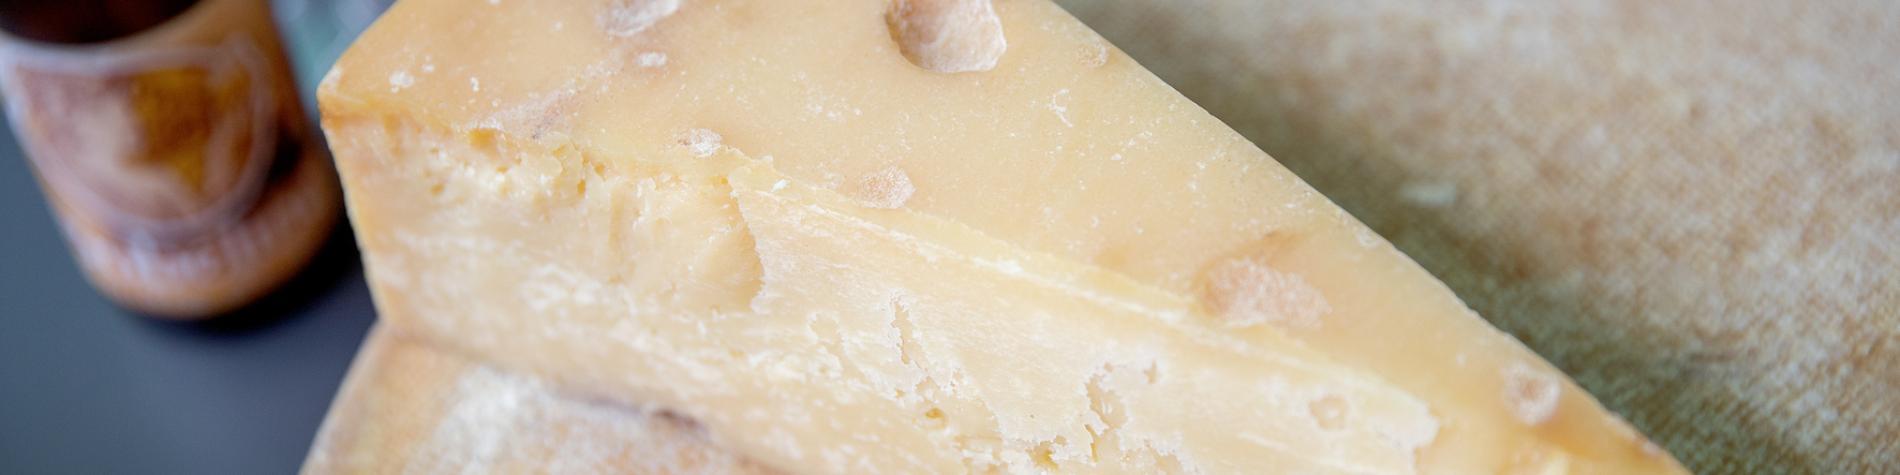 Découvrez le savoureux Sarté, fromage fermier de Jalhay à Spa